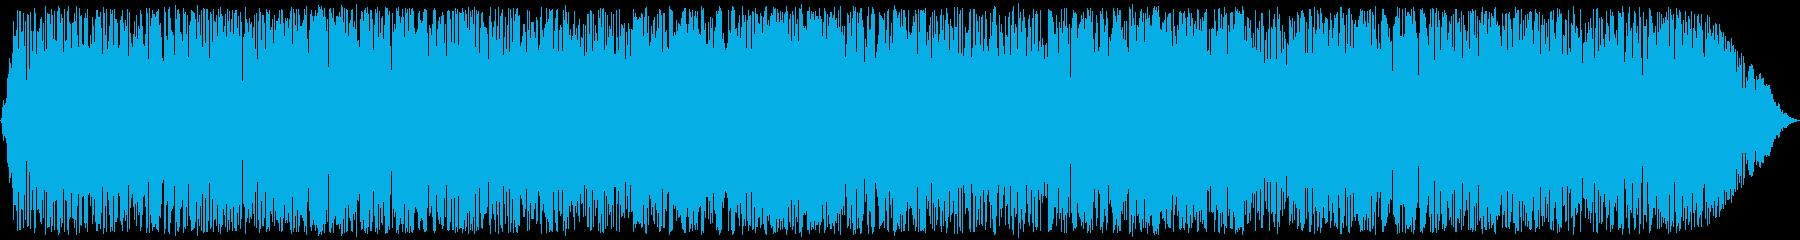 軽い割れ目を伴う重火のゴロゴロ火の...の再生済みの波形